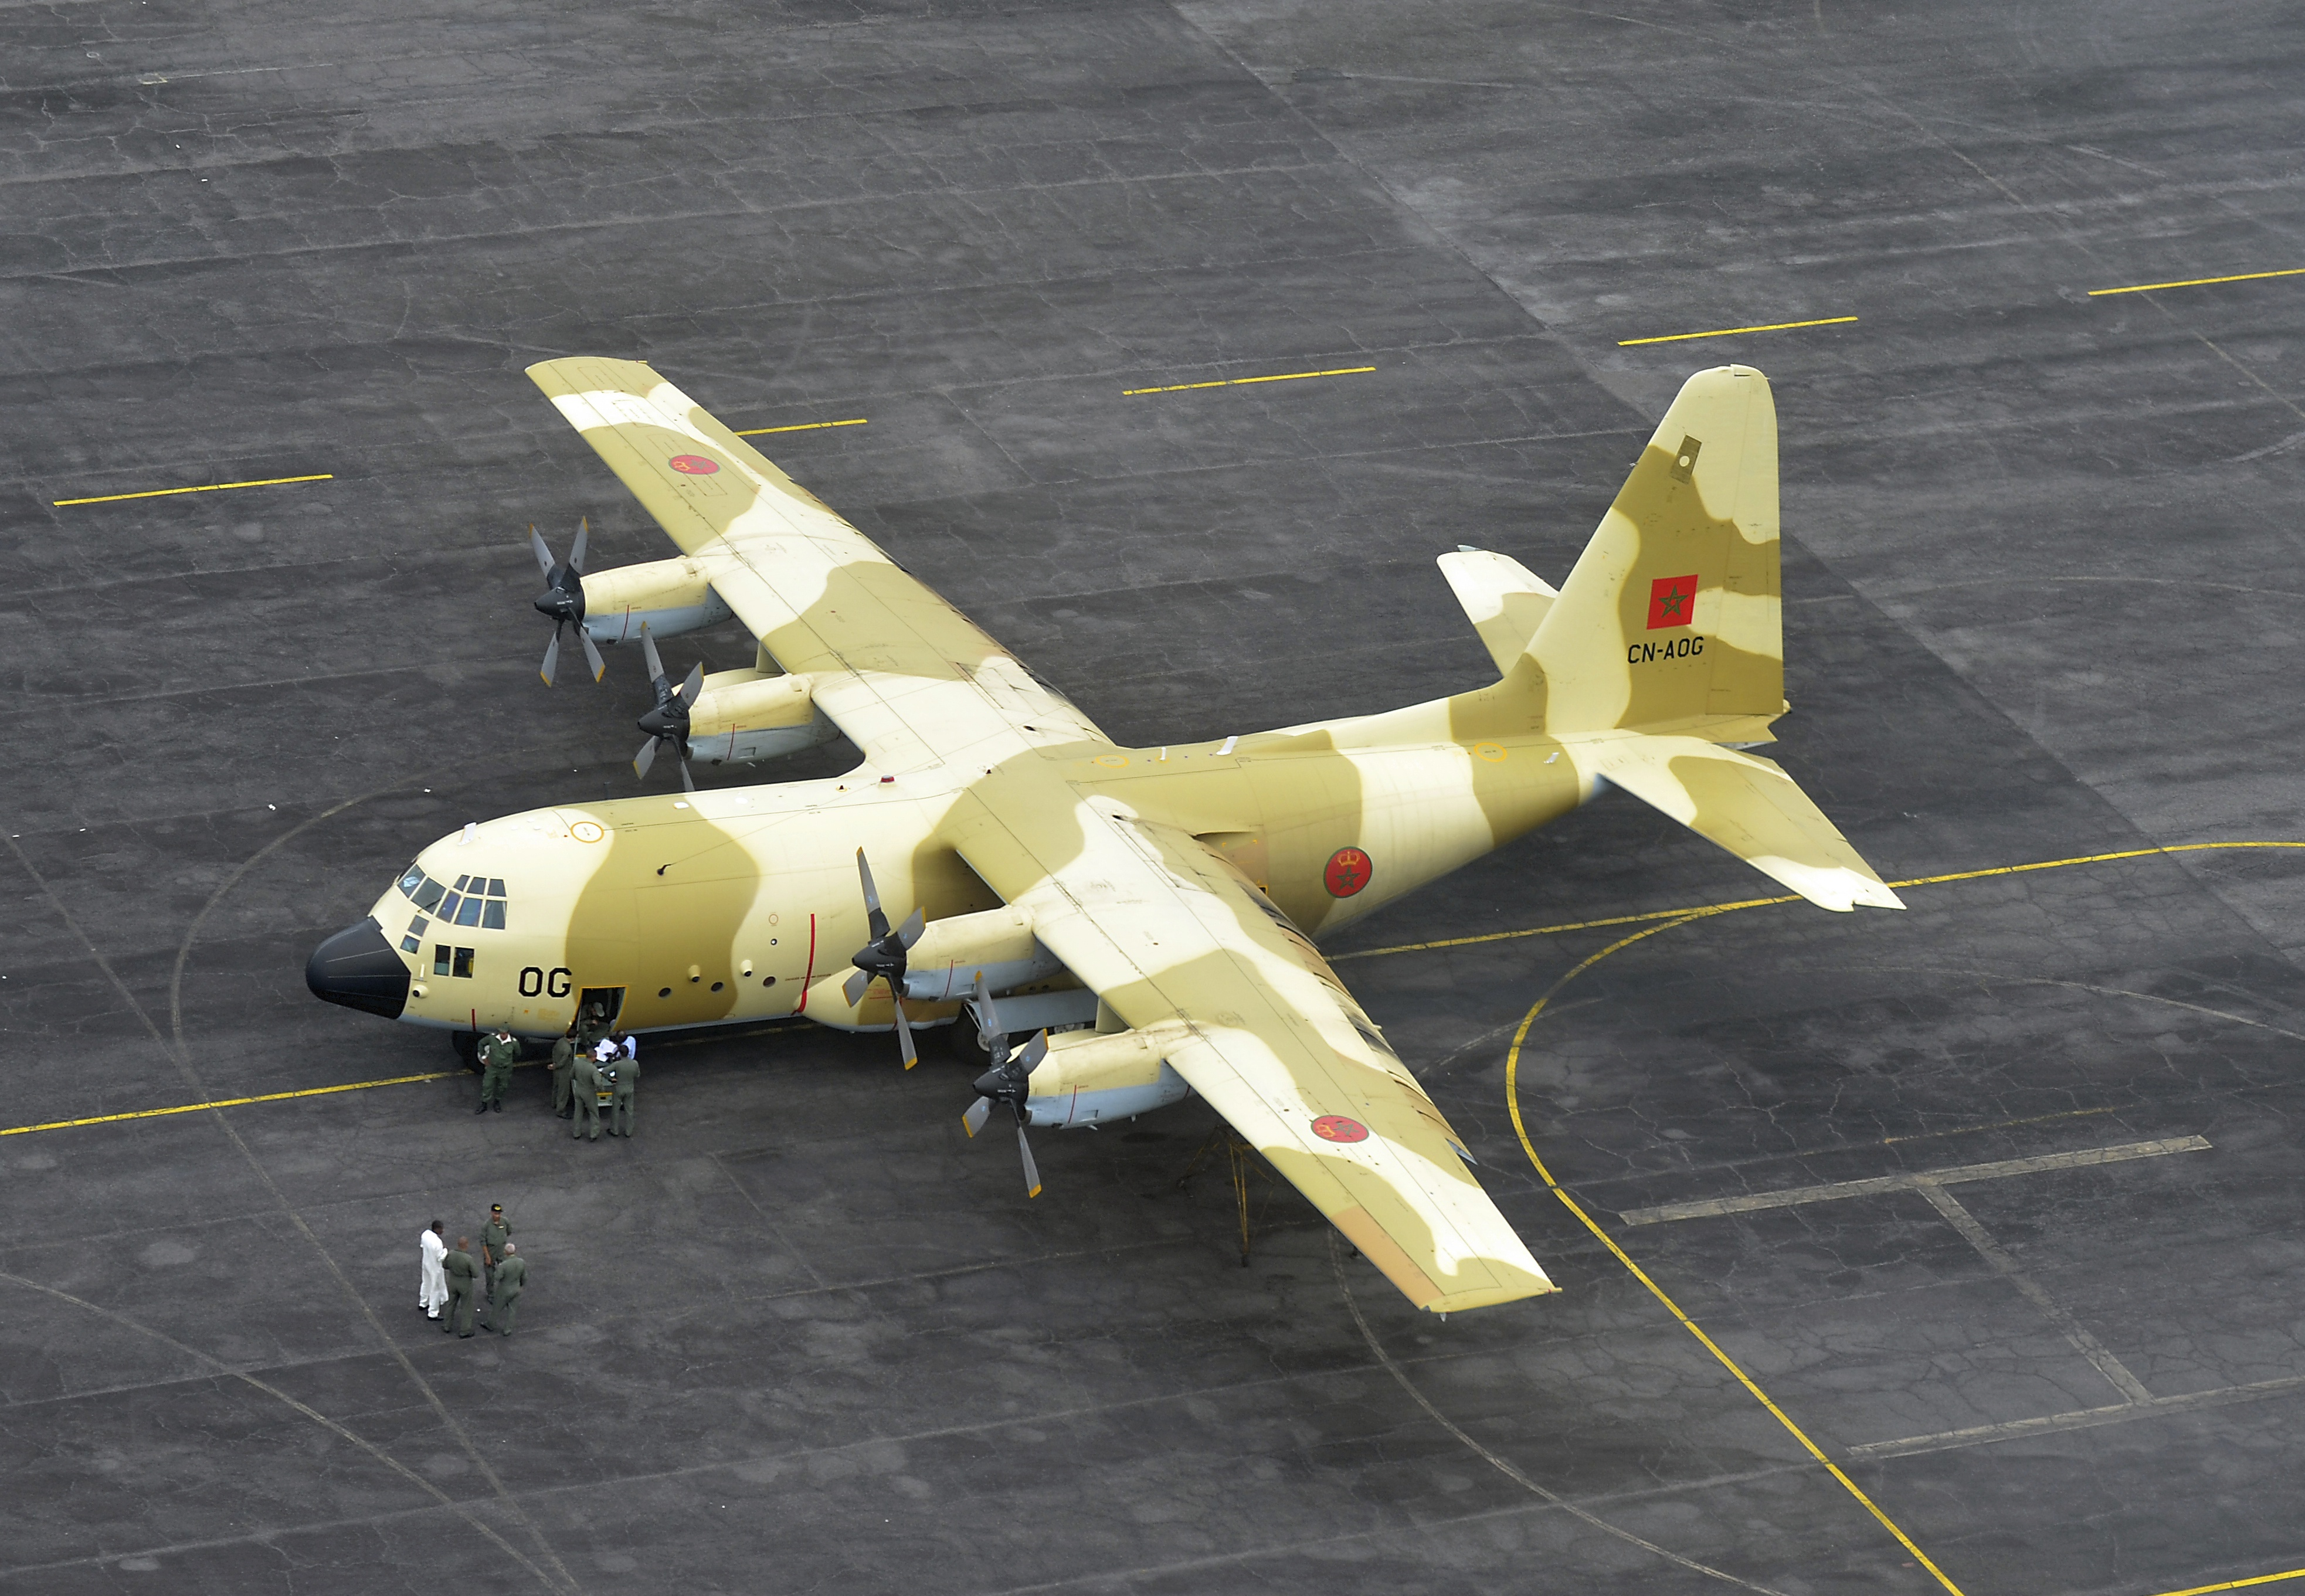 طائرات النقل العاملة بالقوات المسلحة المغربية - صفحة 2 14286353750_d583086b4b_o